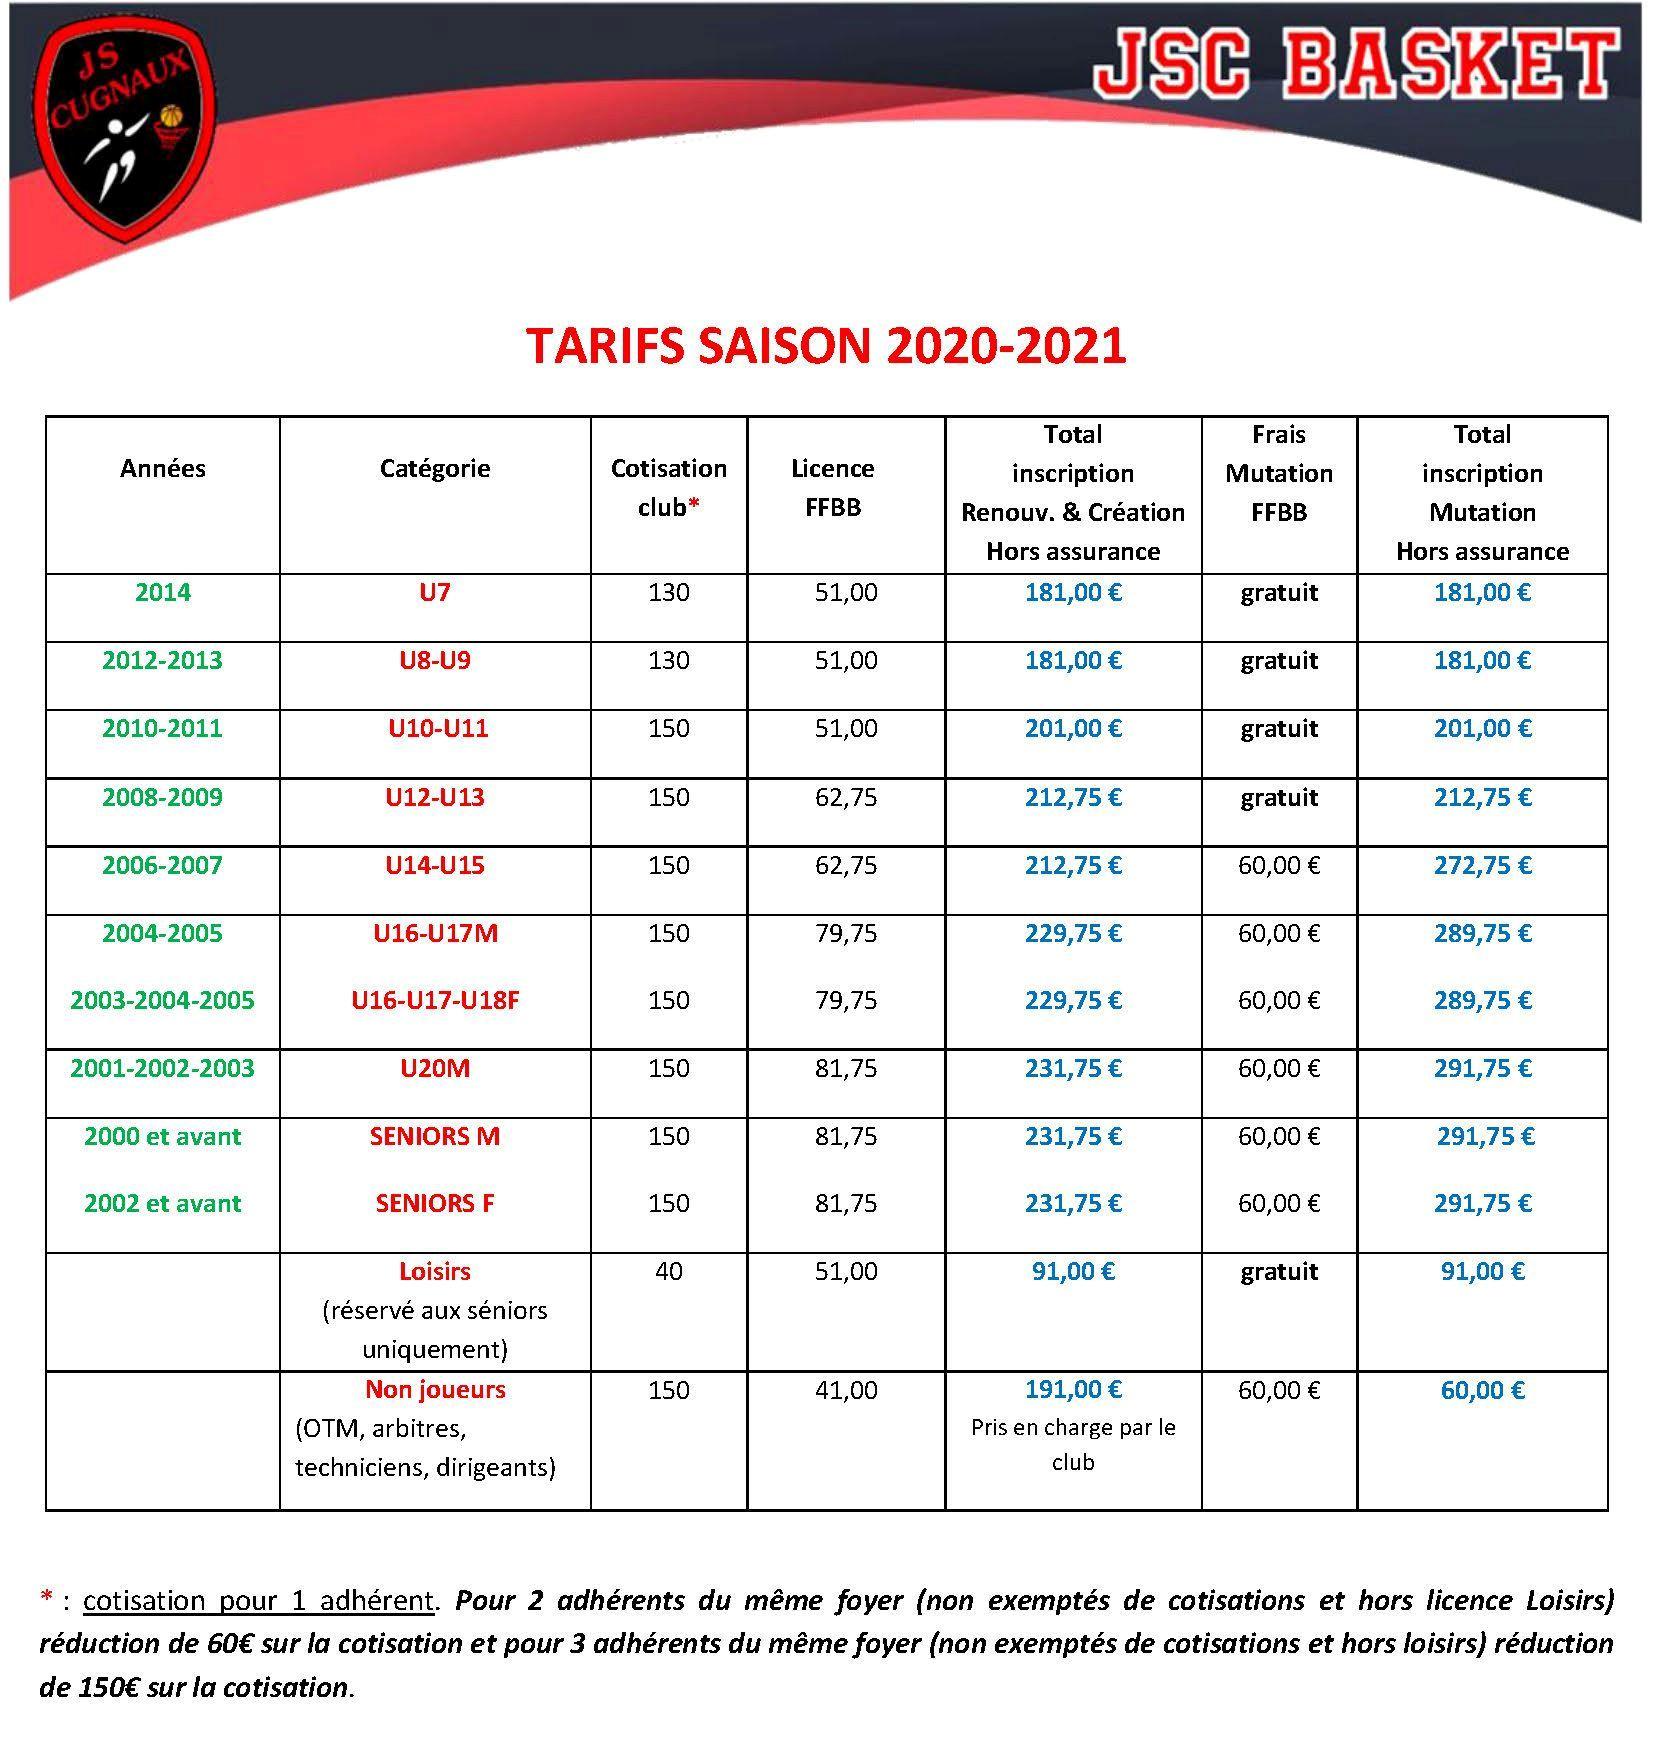 TARIFS CLUB SAISON 2020-2021